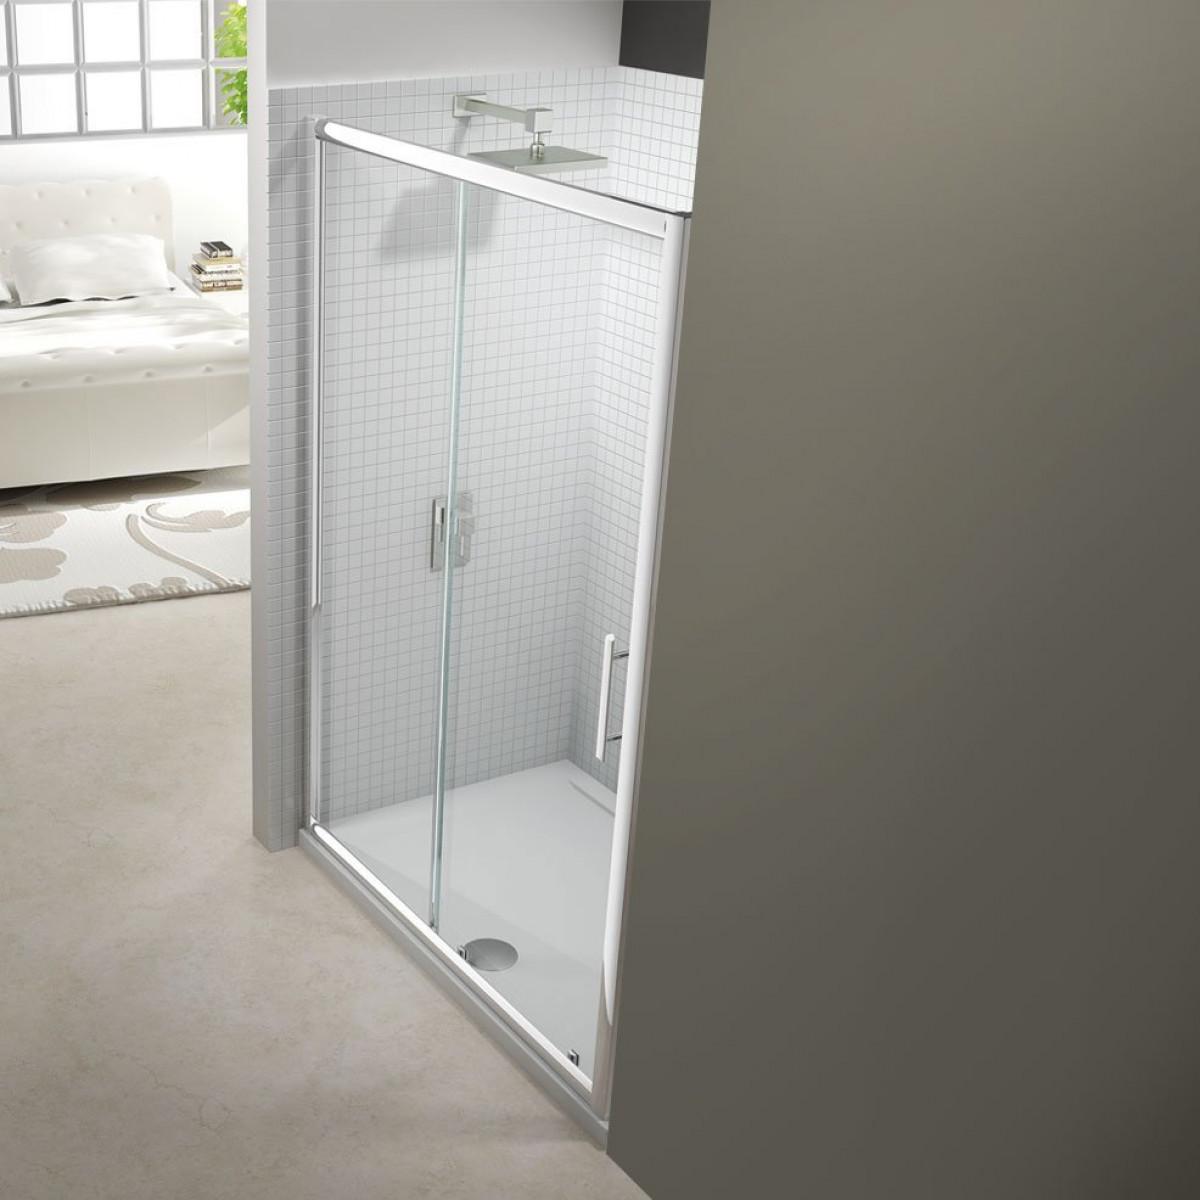 Merlyn 6 series 1000mm sliding shower door for 1000mm sliding shower door